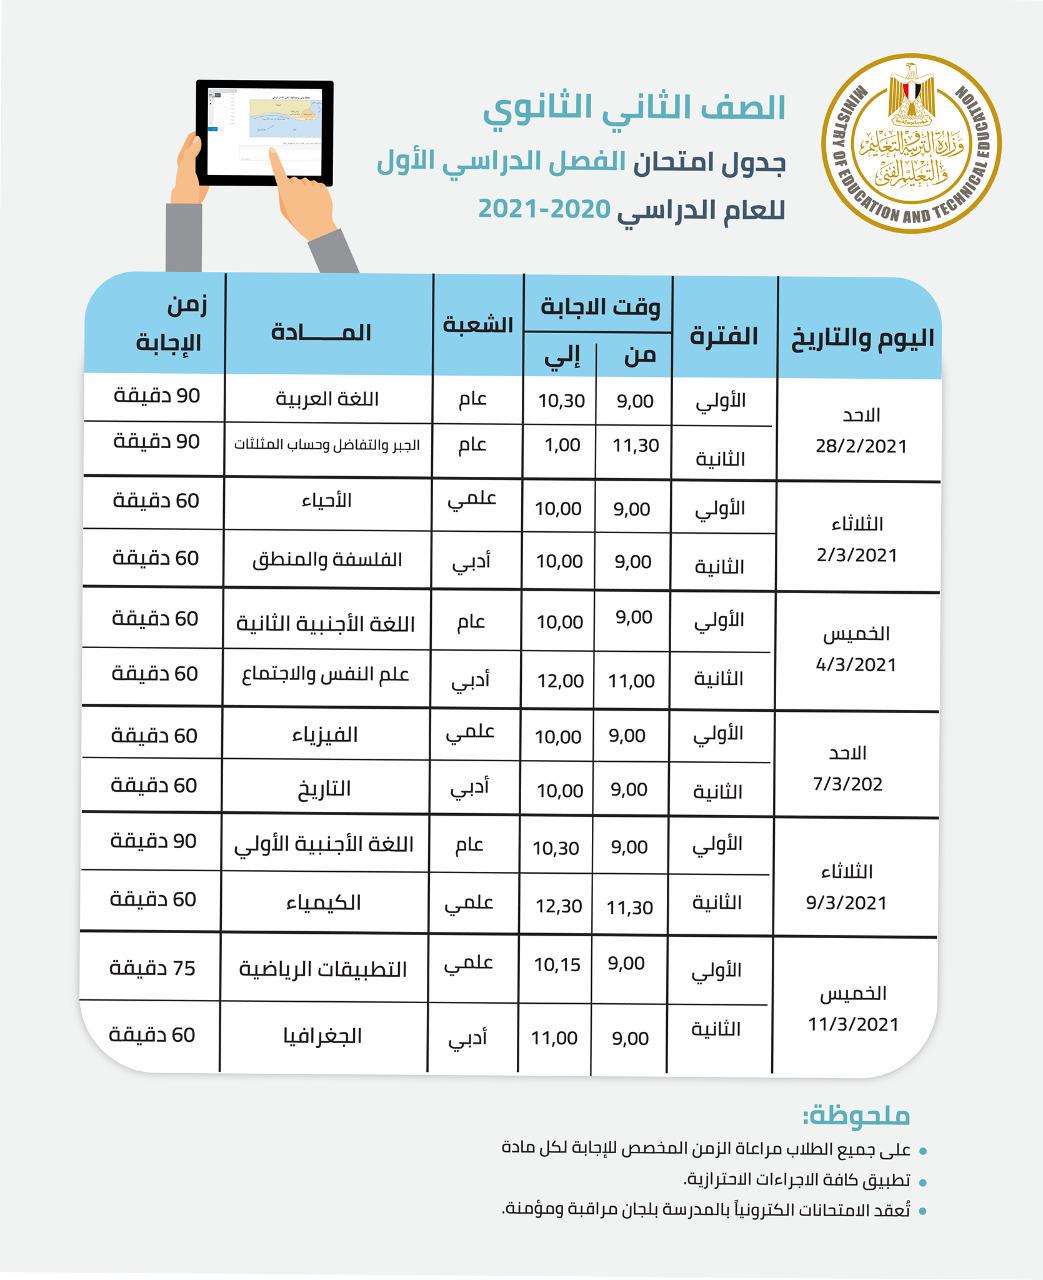 «التعليم» تكشف هوية واضعي مواصفات الورقة الامتحانية لصفوف النقل